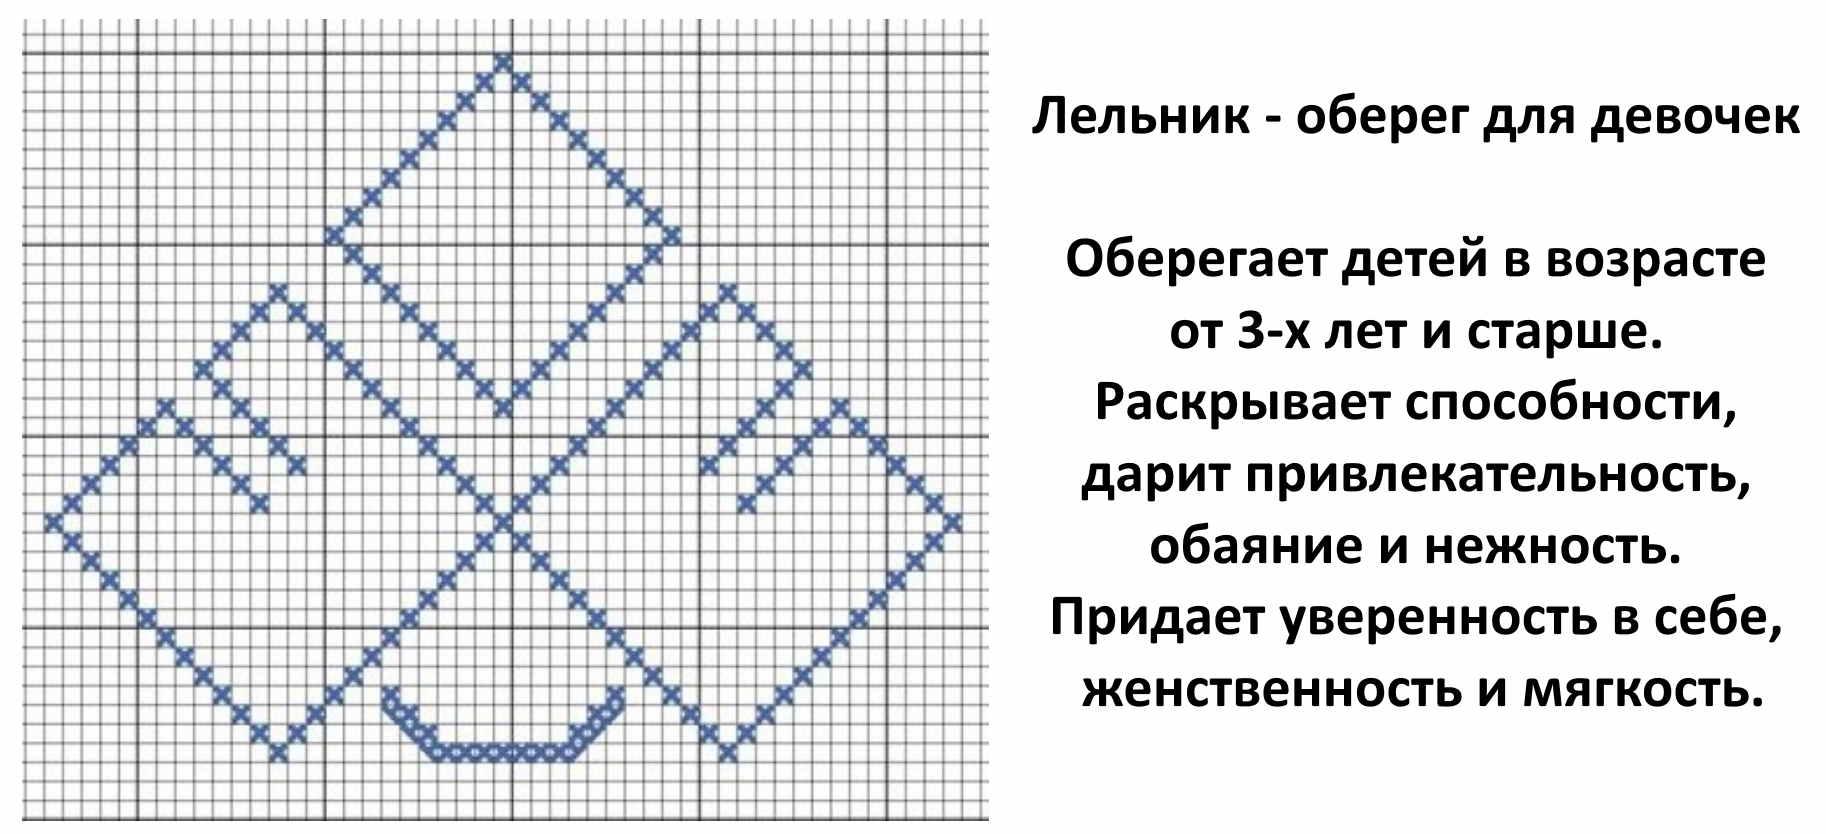 Схема вышивки оберега Лельник